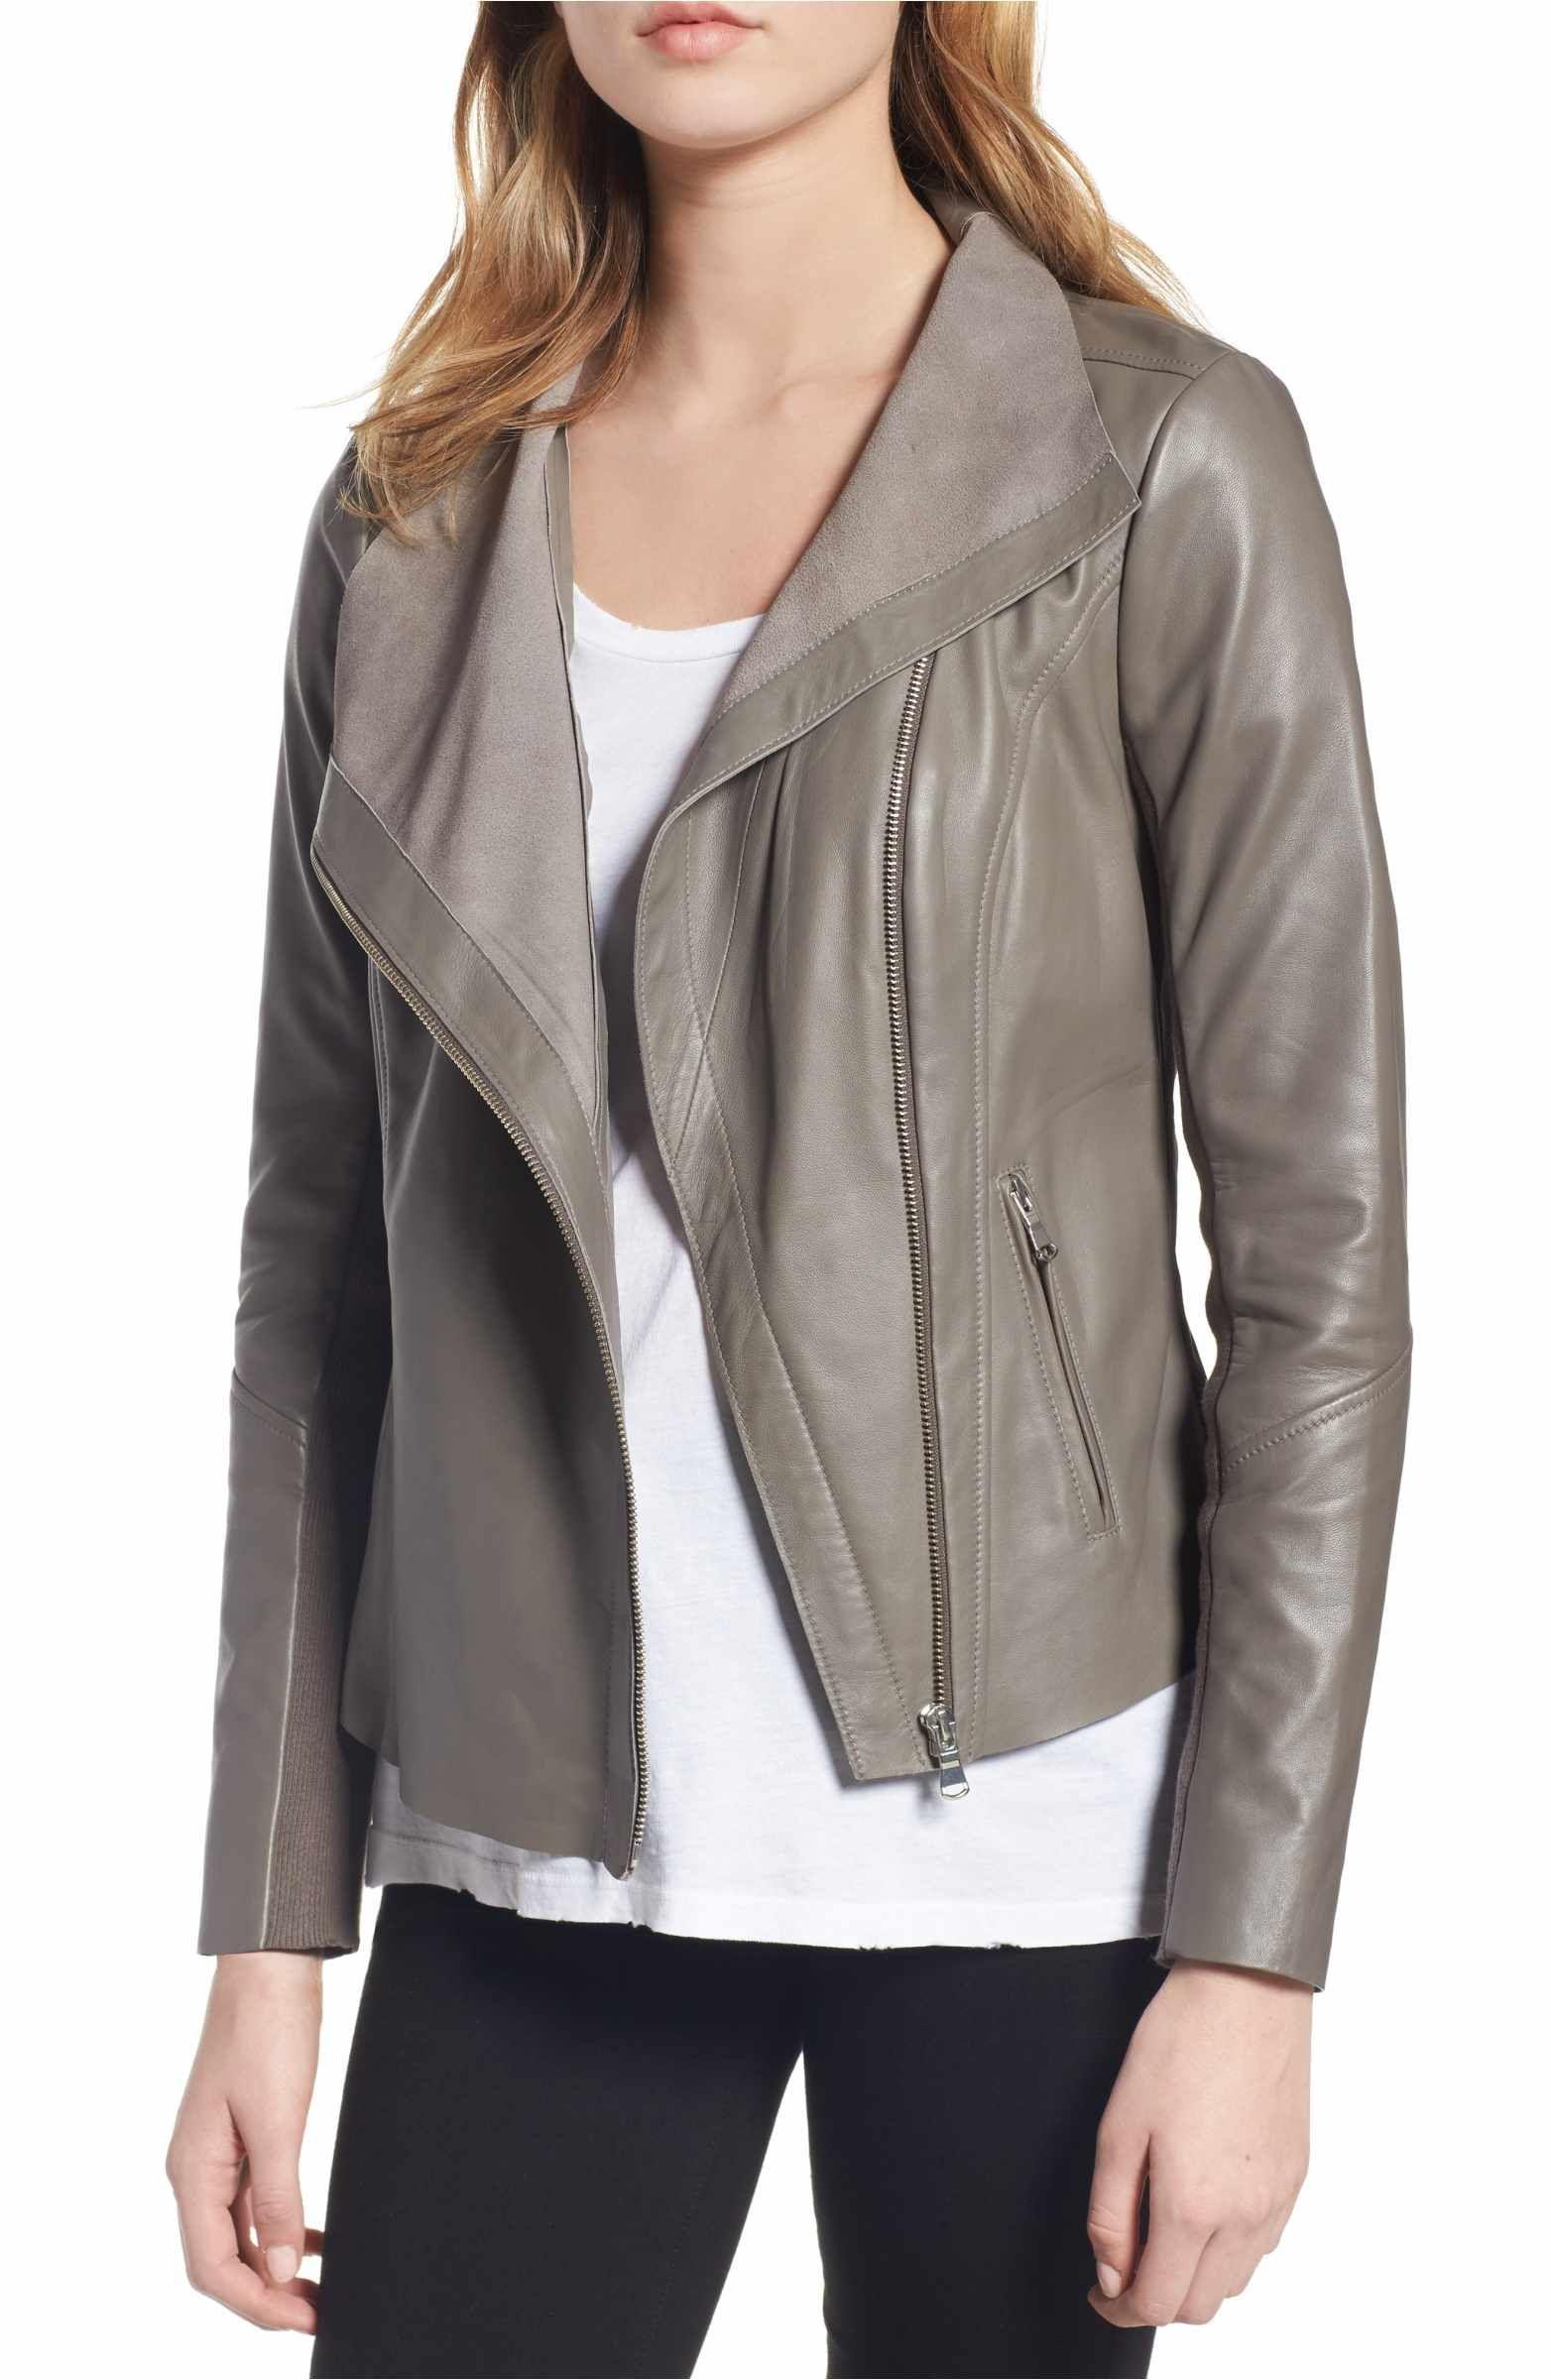 Trouvé Raw Edge Leather Jacket Leather jacket, Jackets